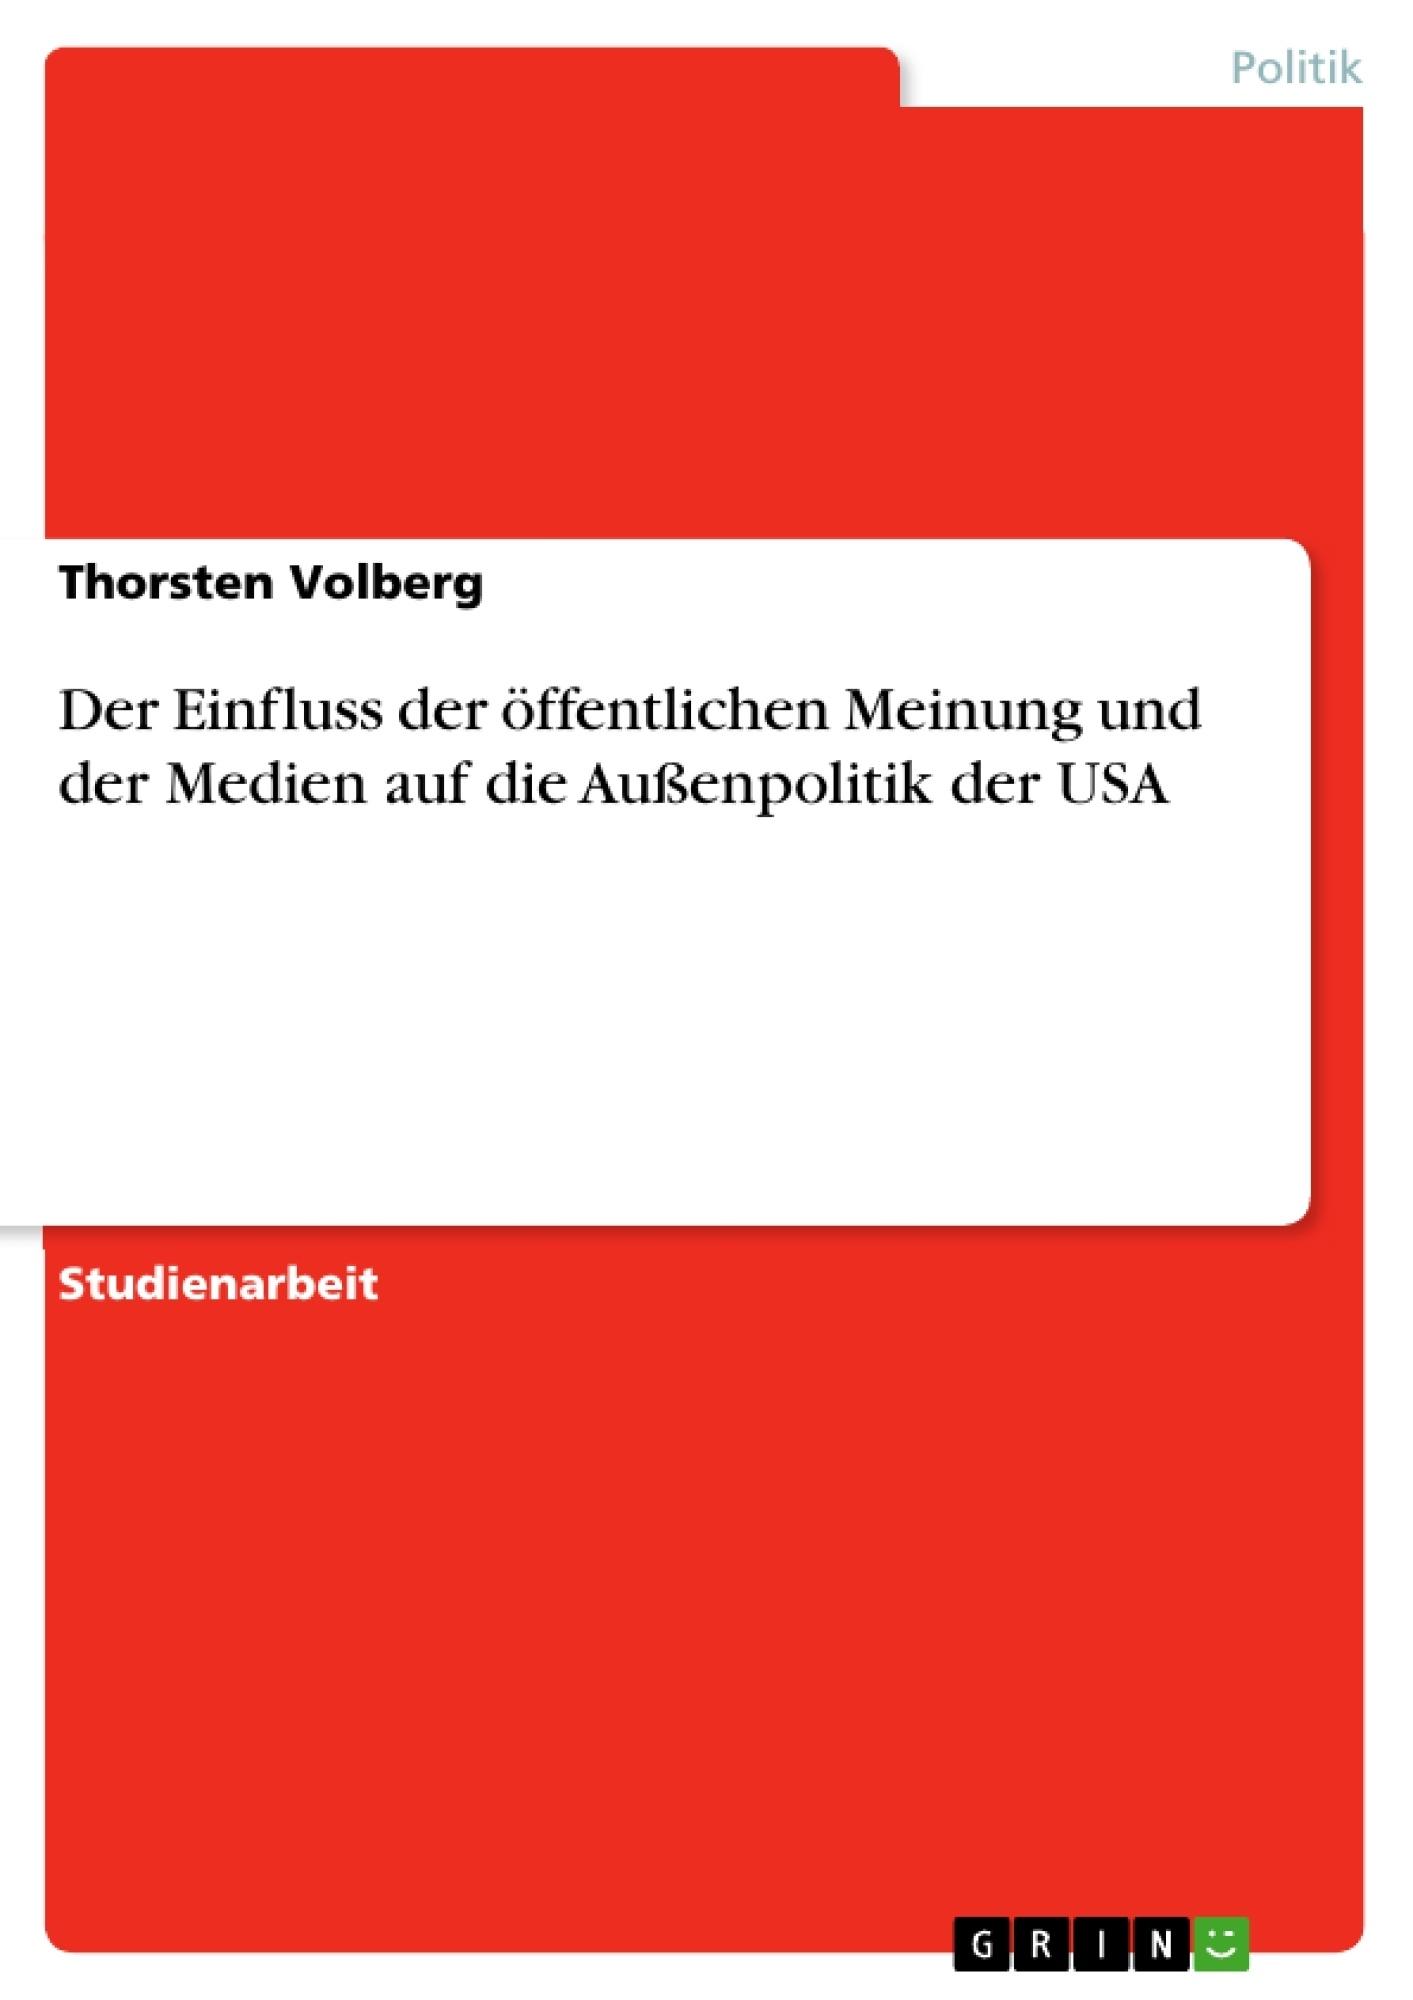 Titel: Der Einfluss der öffentlichen Meinung und der Medien auf die Außenpolitik der USA